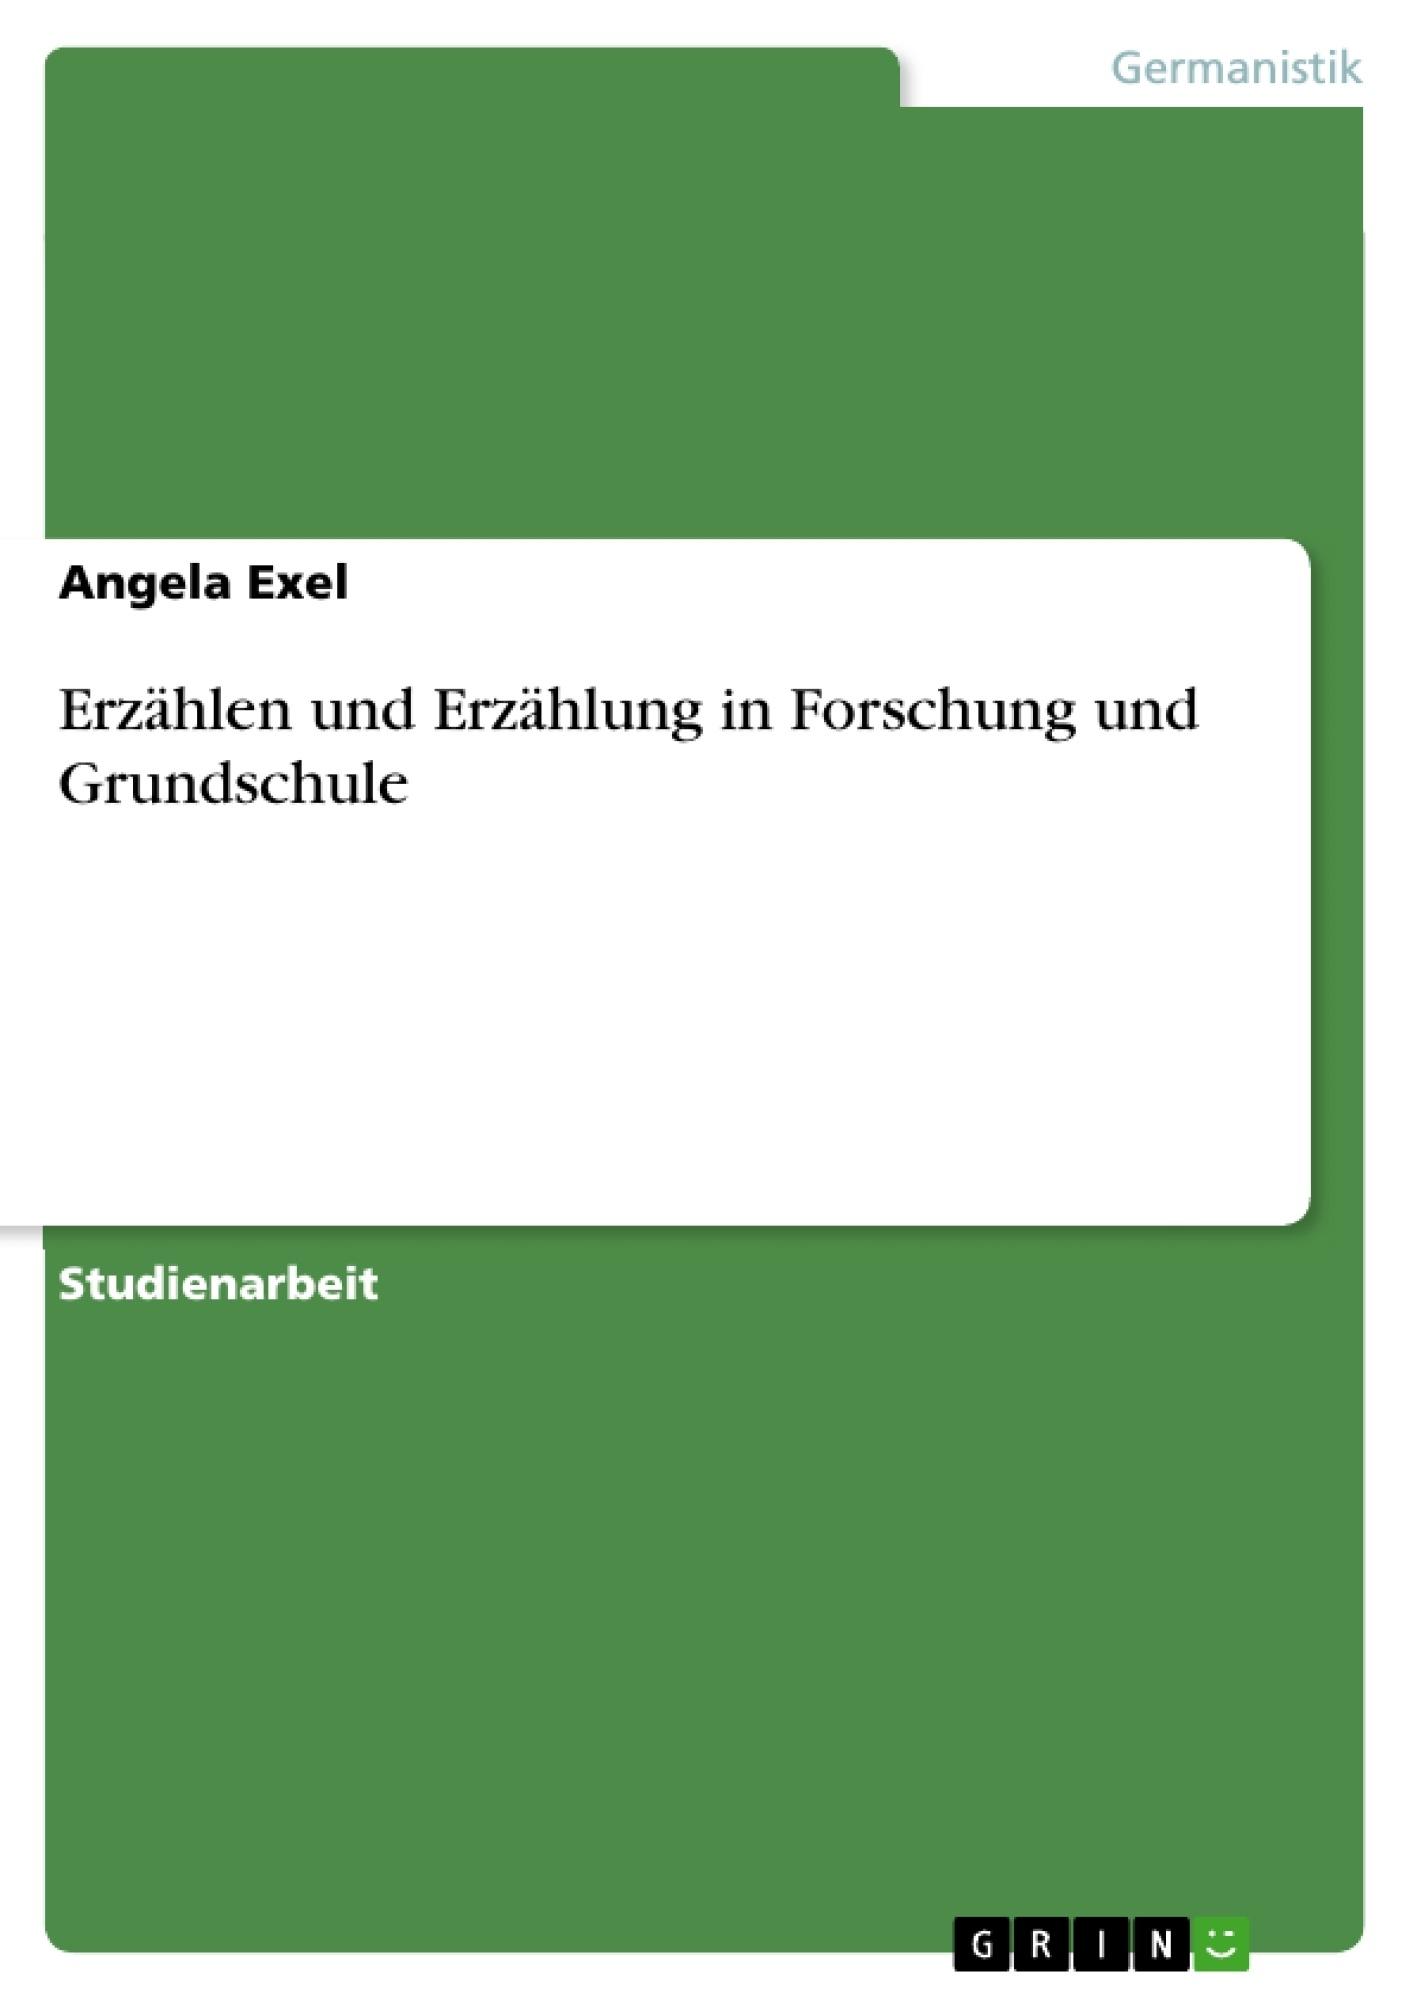 Titel: Erzählen und Erzählung in Forschung und Grundschule